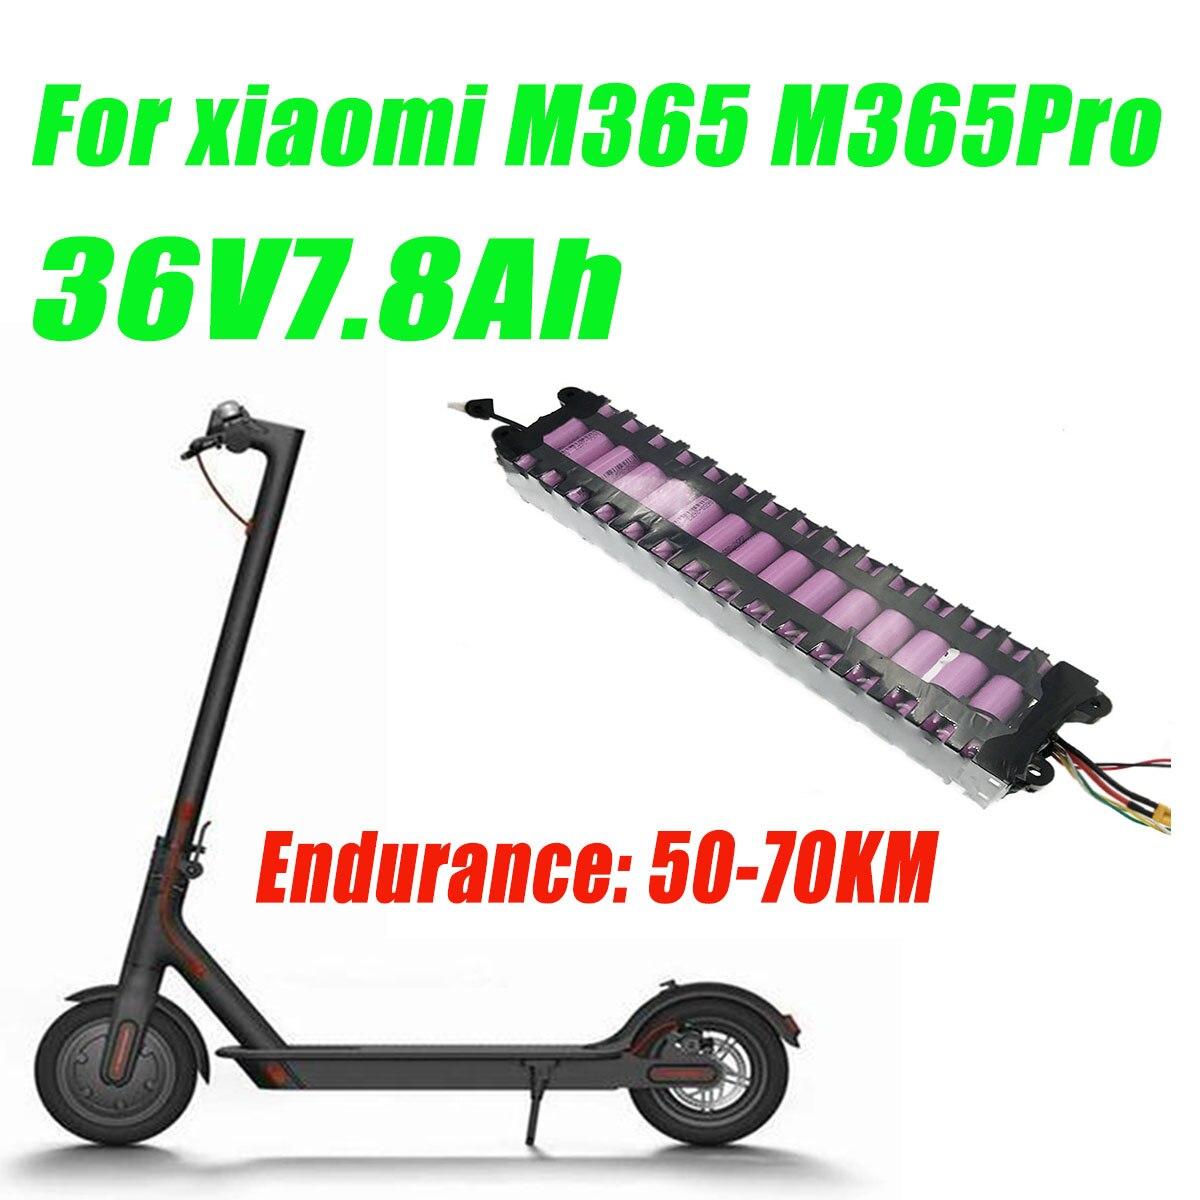 دراجة كهربائية سايكونg10s3p بطارية ليثيوم 36 فولت 7.8Ah مزودة ببطارية 20A BMS متوافقة 100% مع شاومي سكوتر Mijia M365 Pro